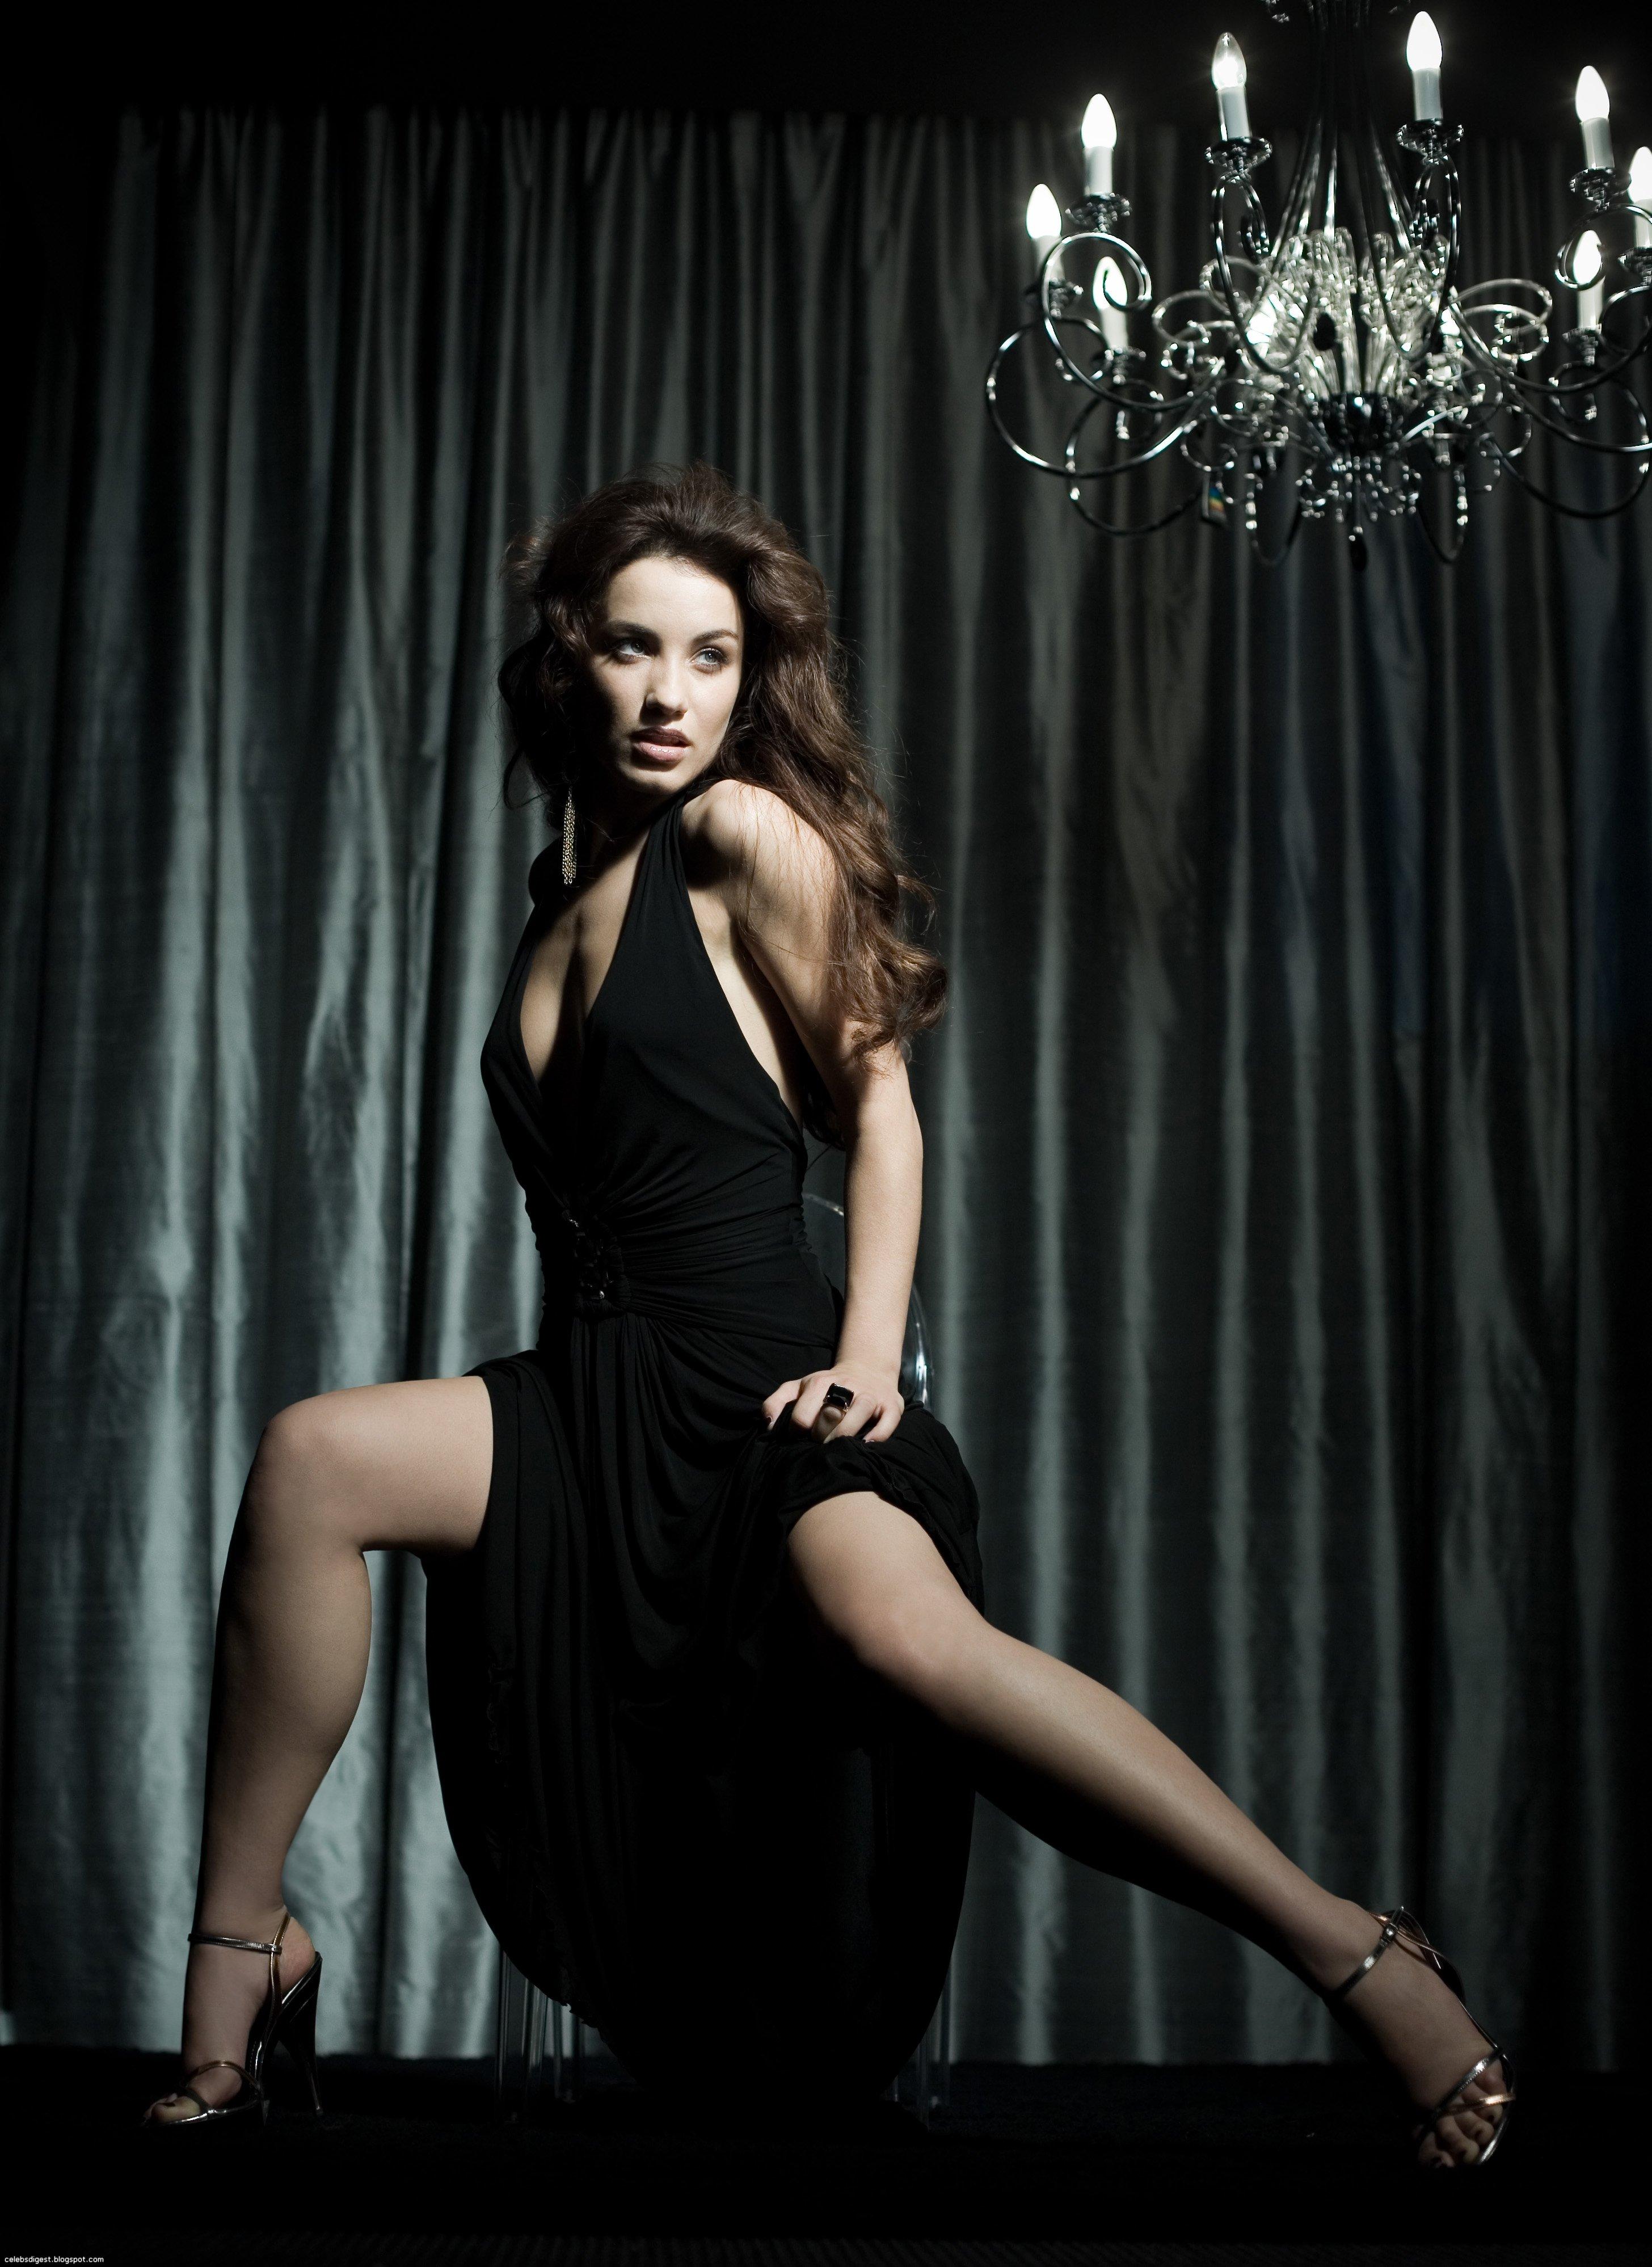 Виктория Дайнеко (Victoria Daineko) в фотосессии для альбома Иголка